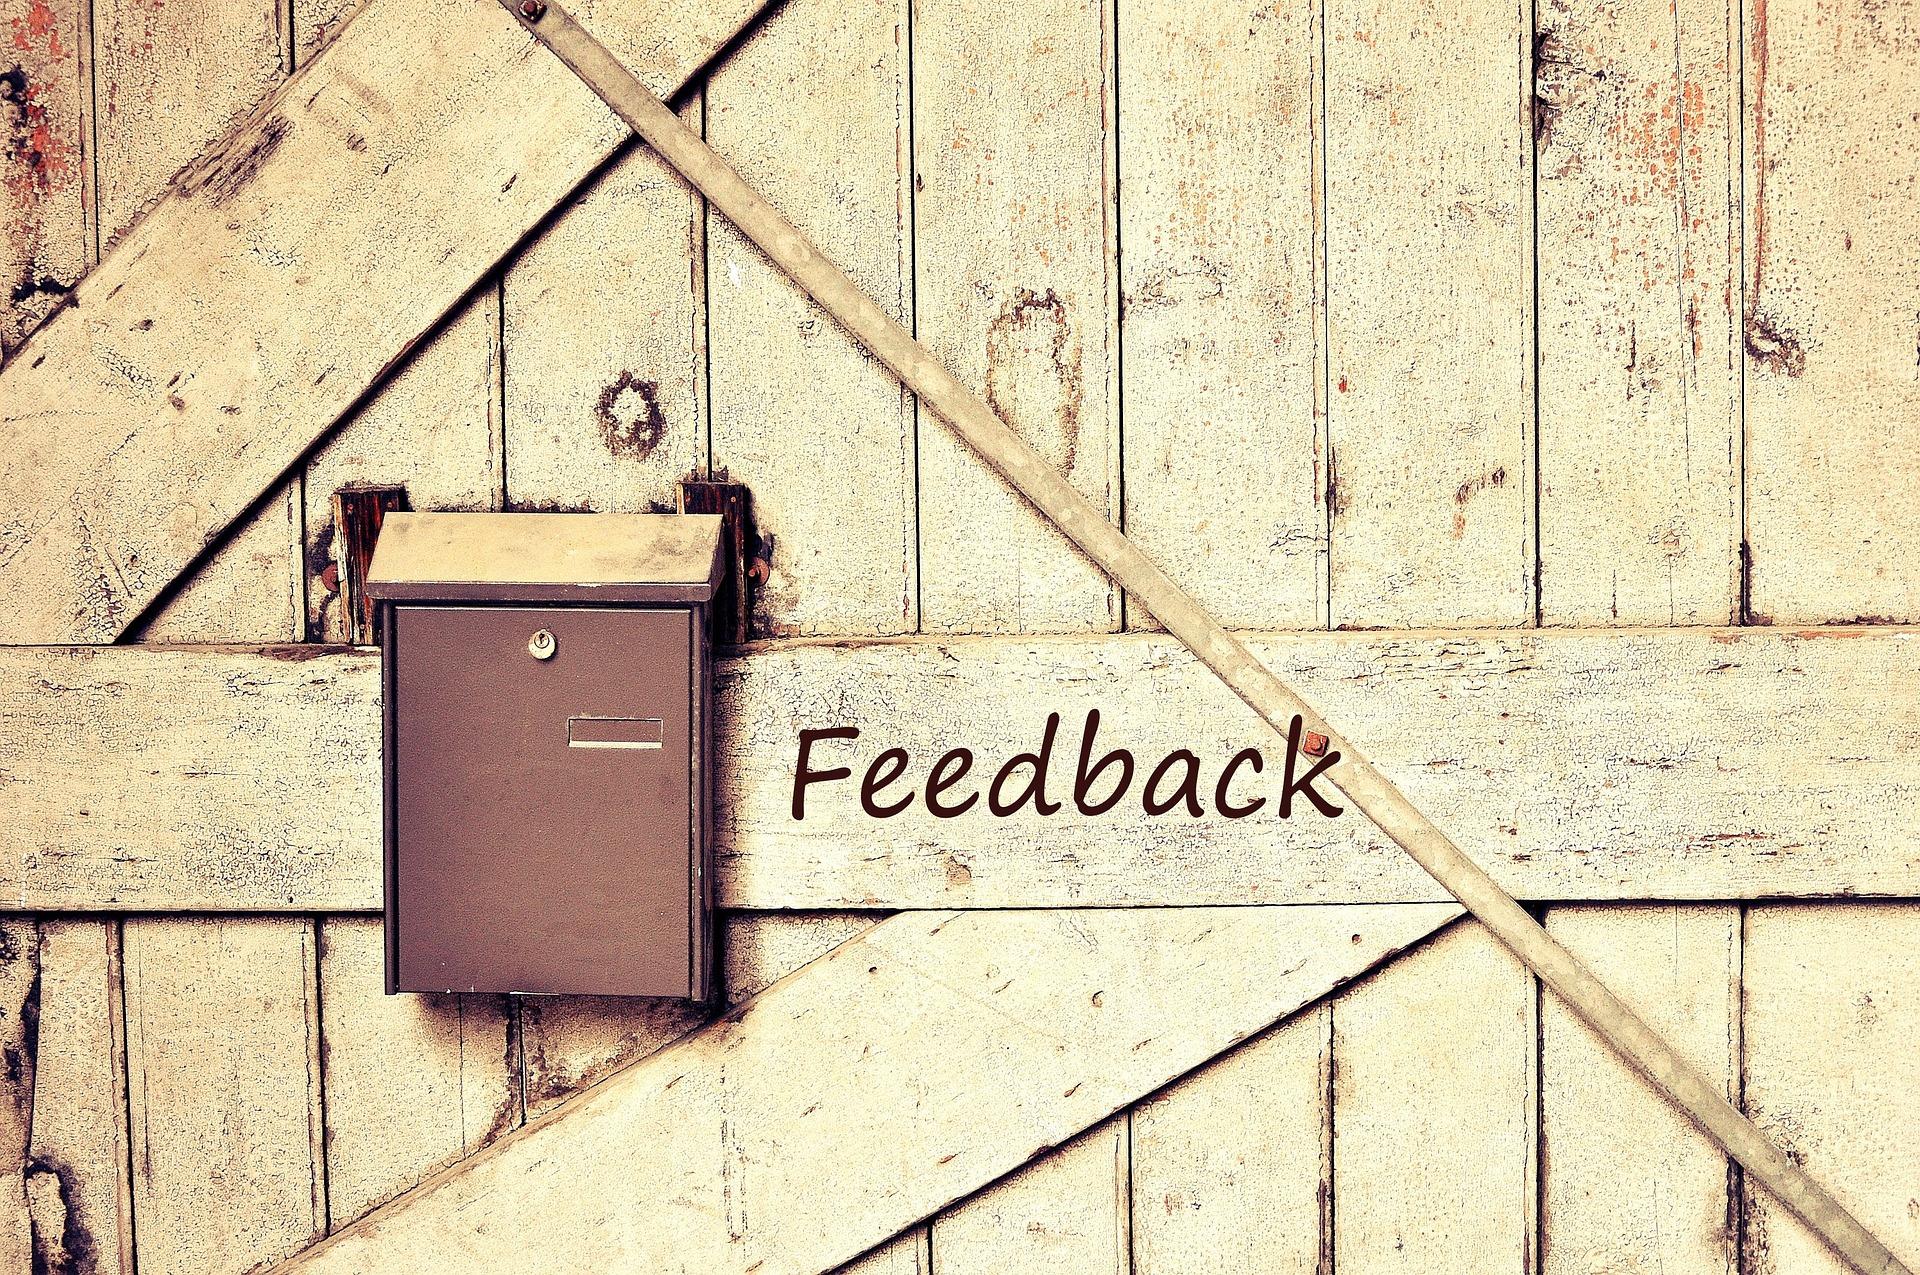 feedback - 未経験からWebデザイナーになる前に絶対に知っておいて欲しいこと